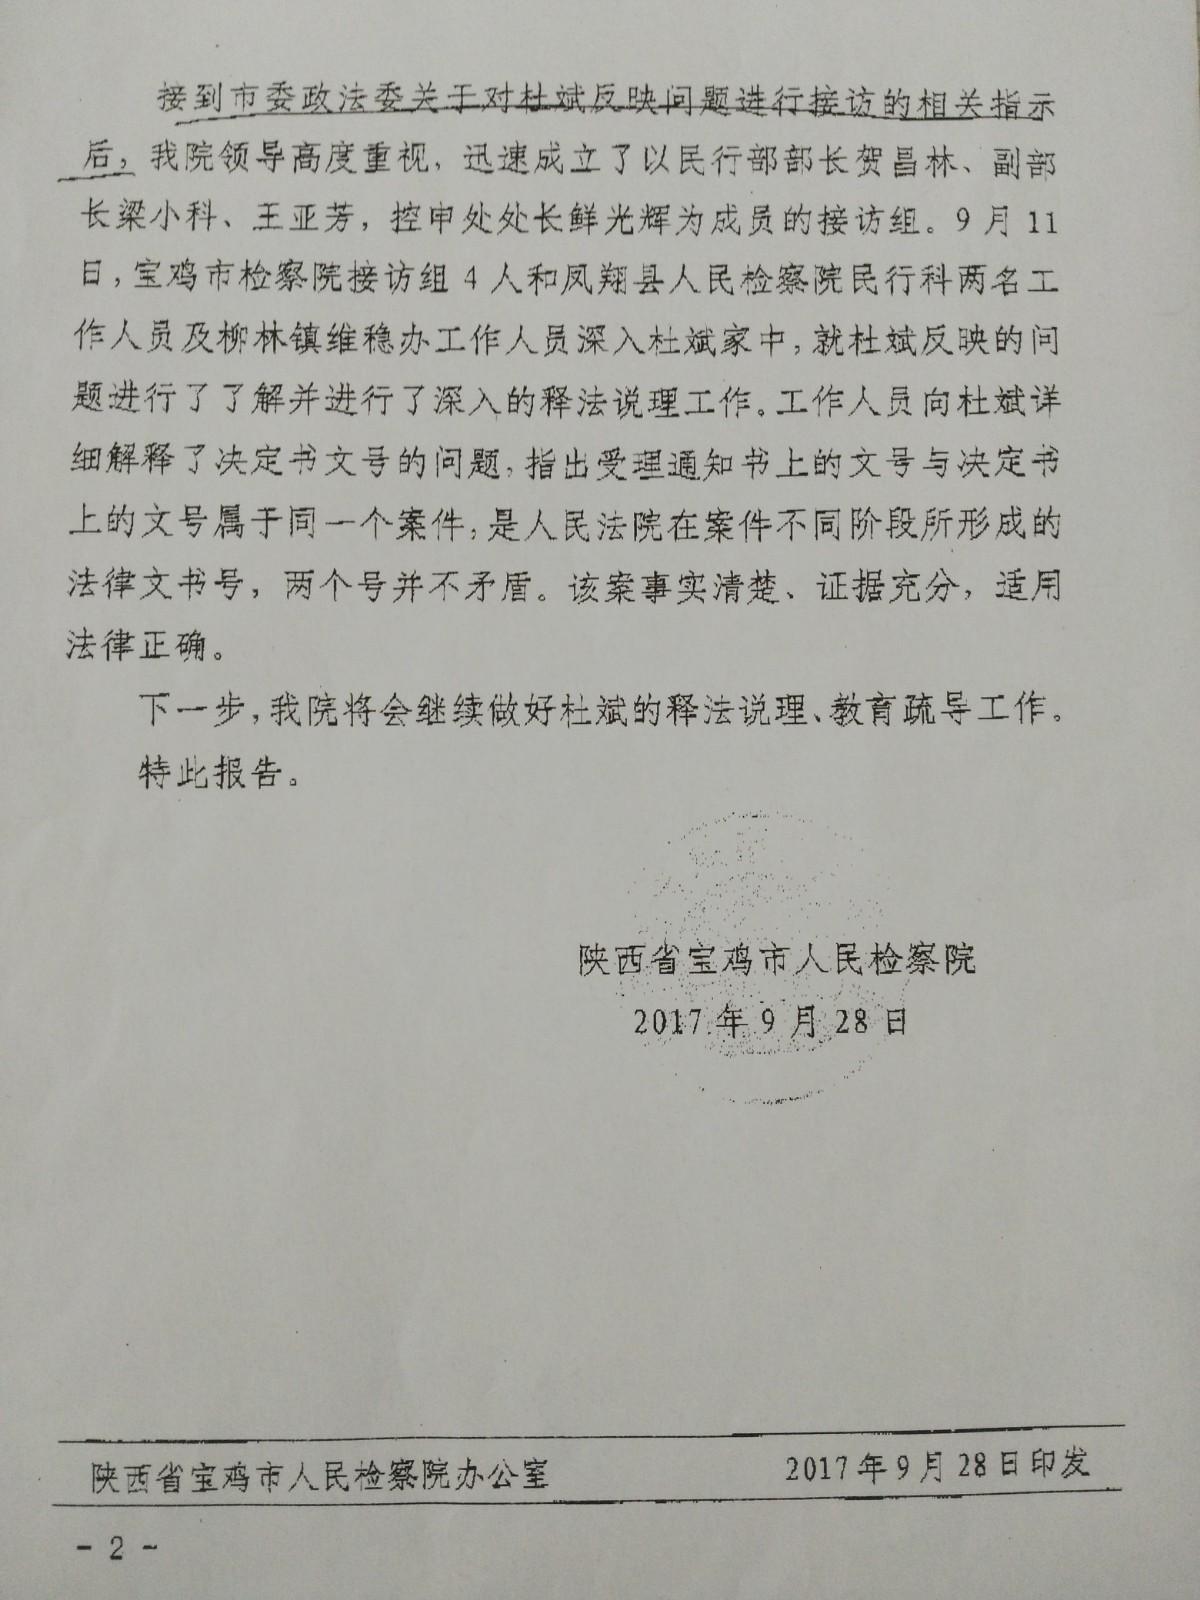 治残七旬老人是凤翔县医院,求助陕西省三级法院四审. 两级检察院均遗漏诉求,维权比登 ..._图1-2